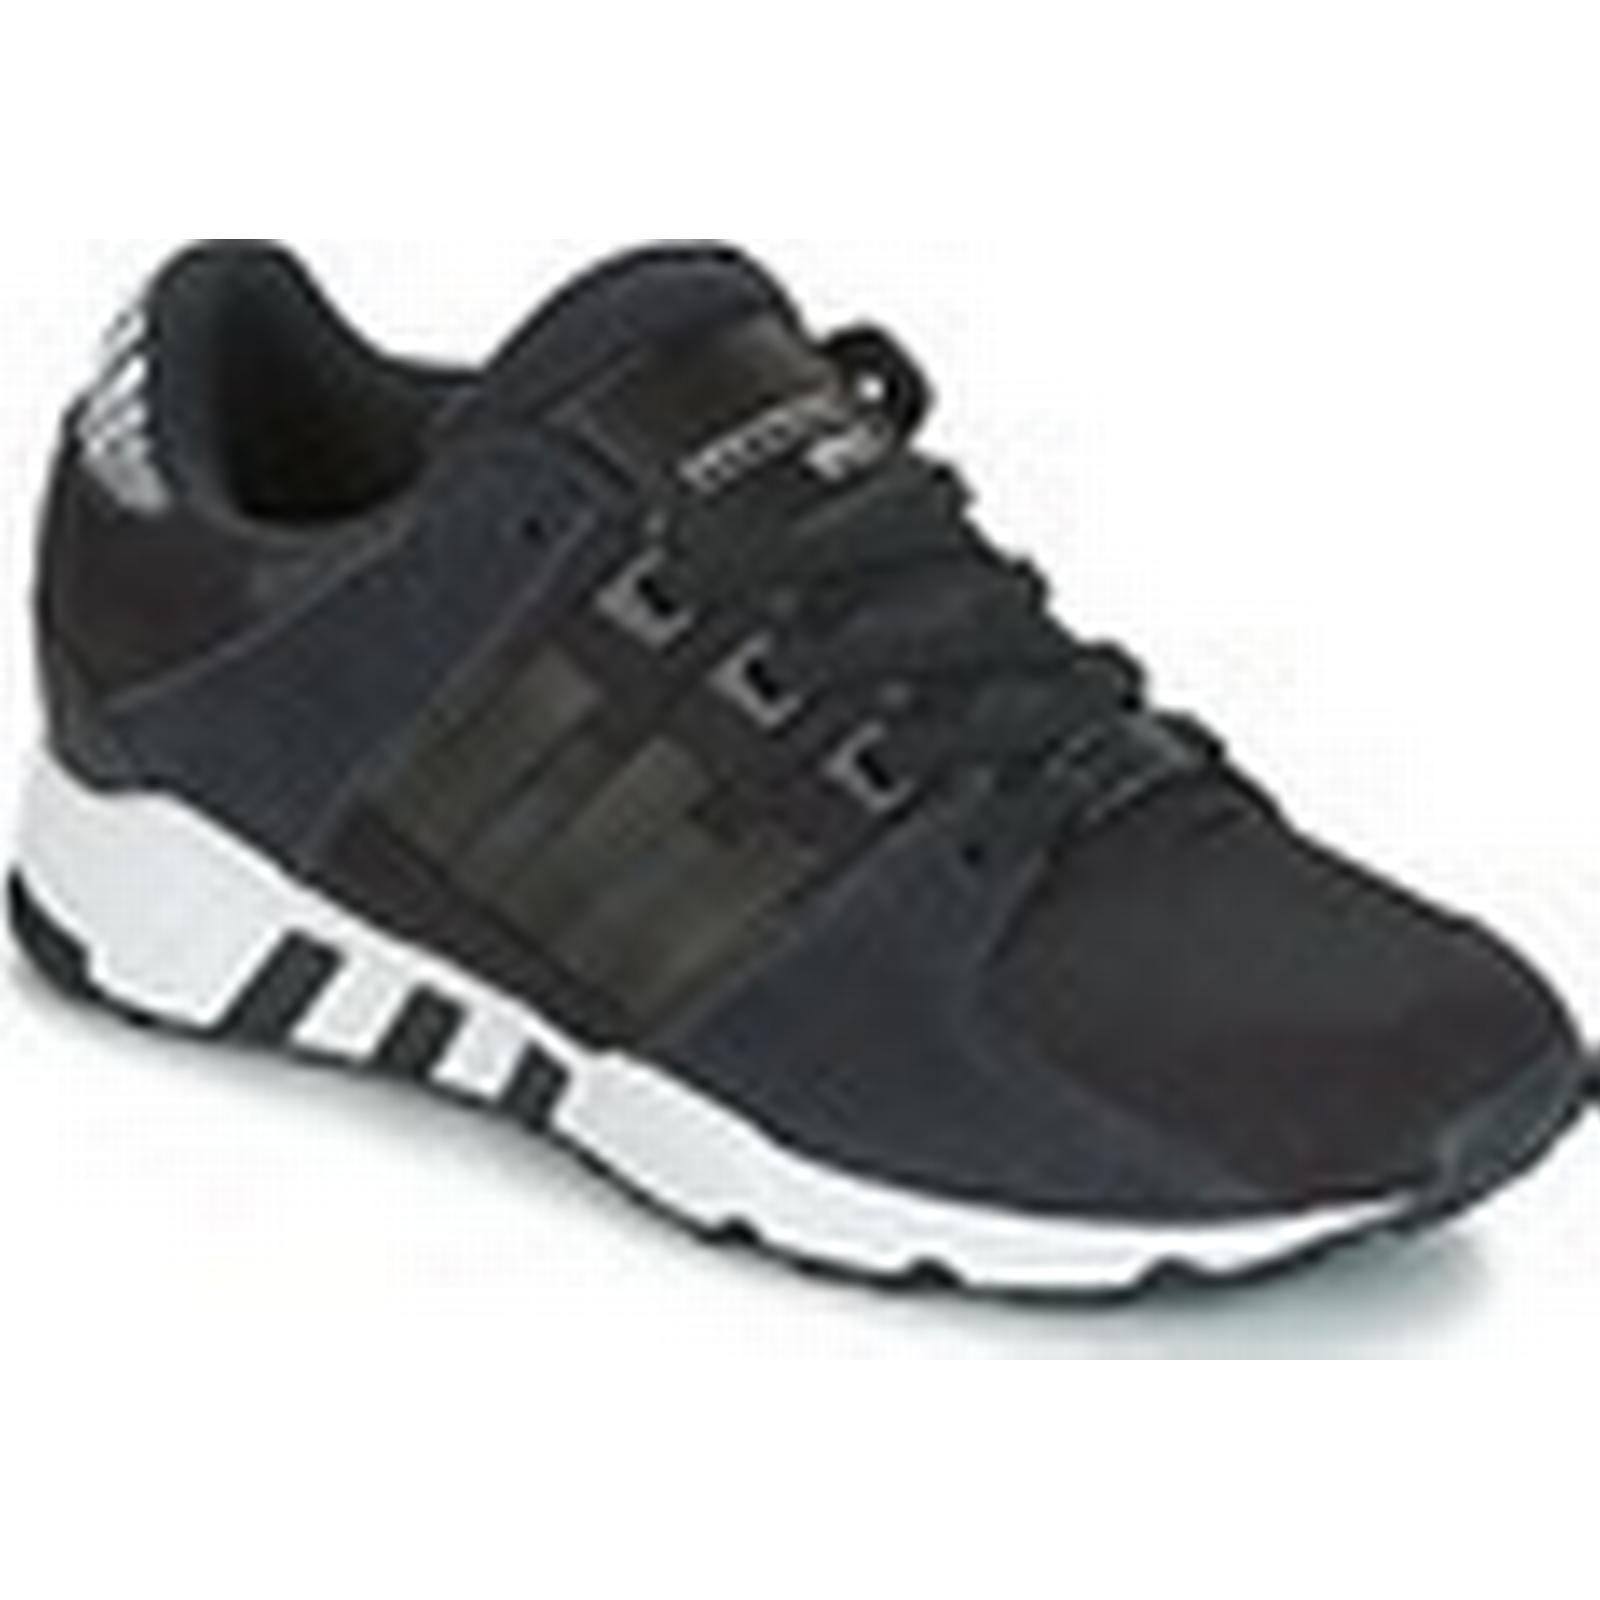 les hommes et # adidas eqt  soutien  eqt 27; s Chaussure s (formateurs) en noir 19782a